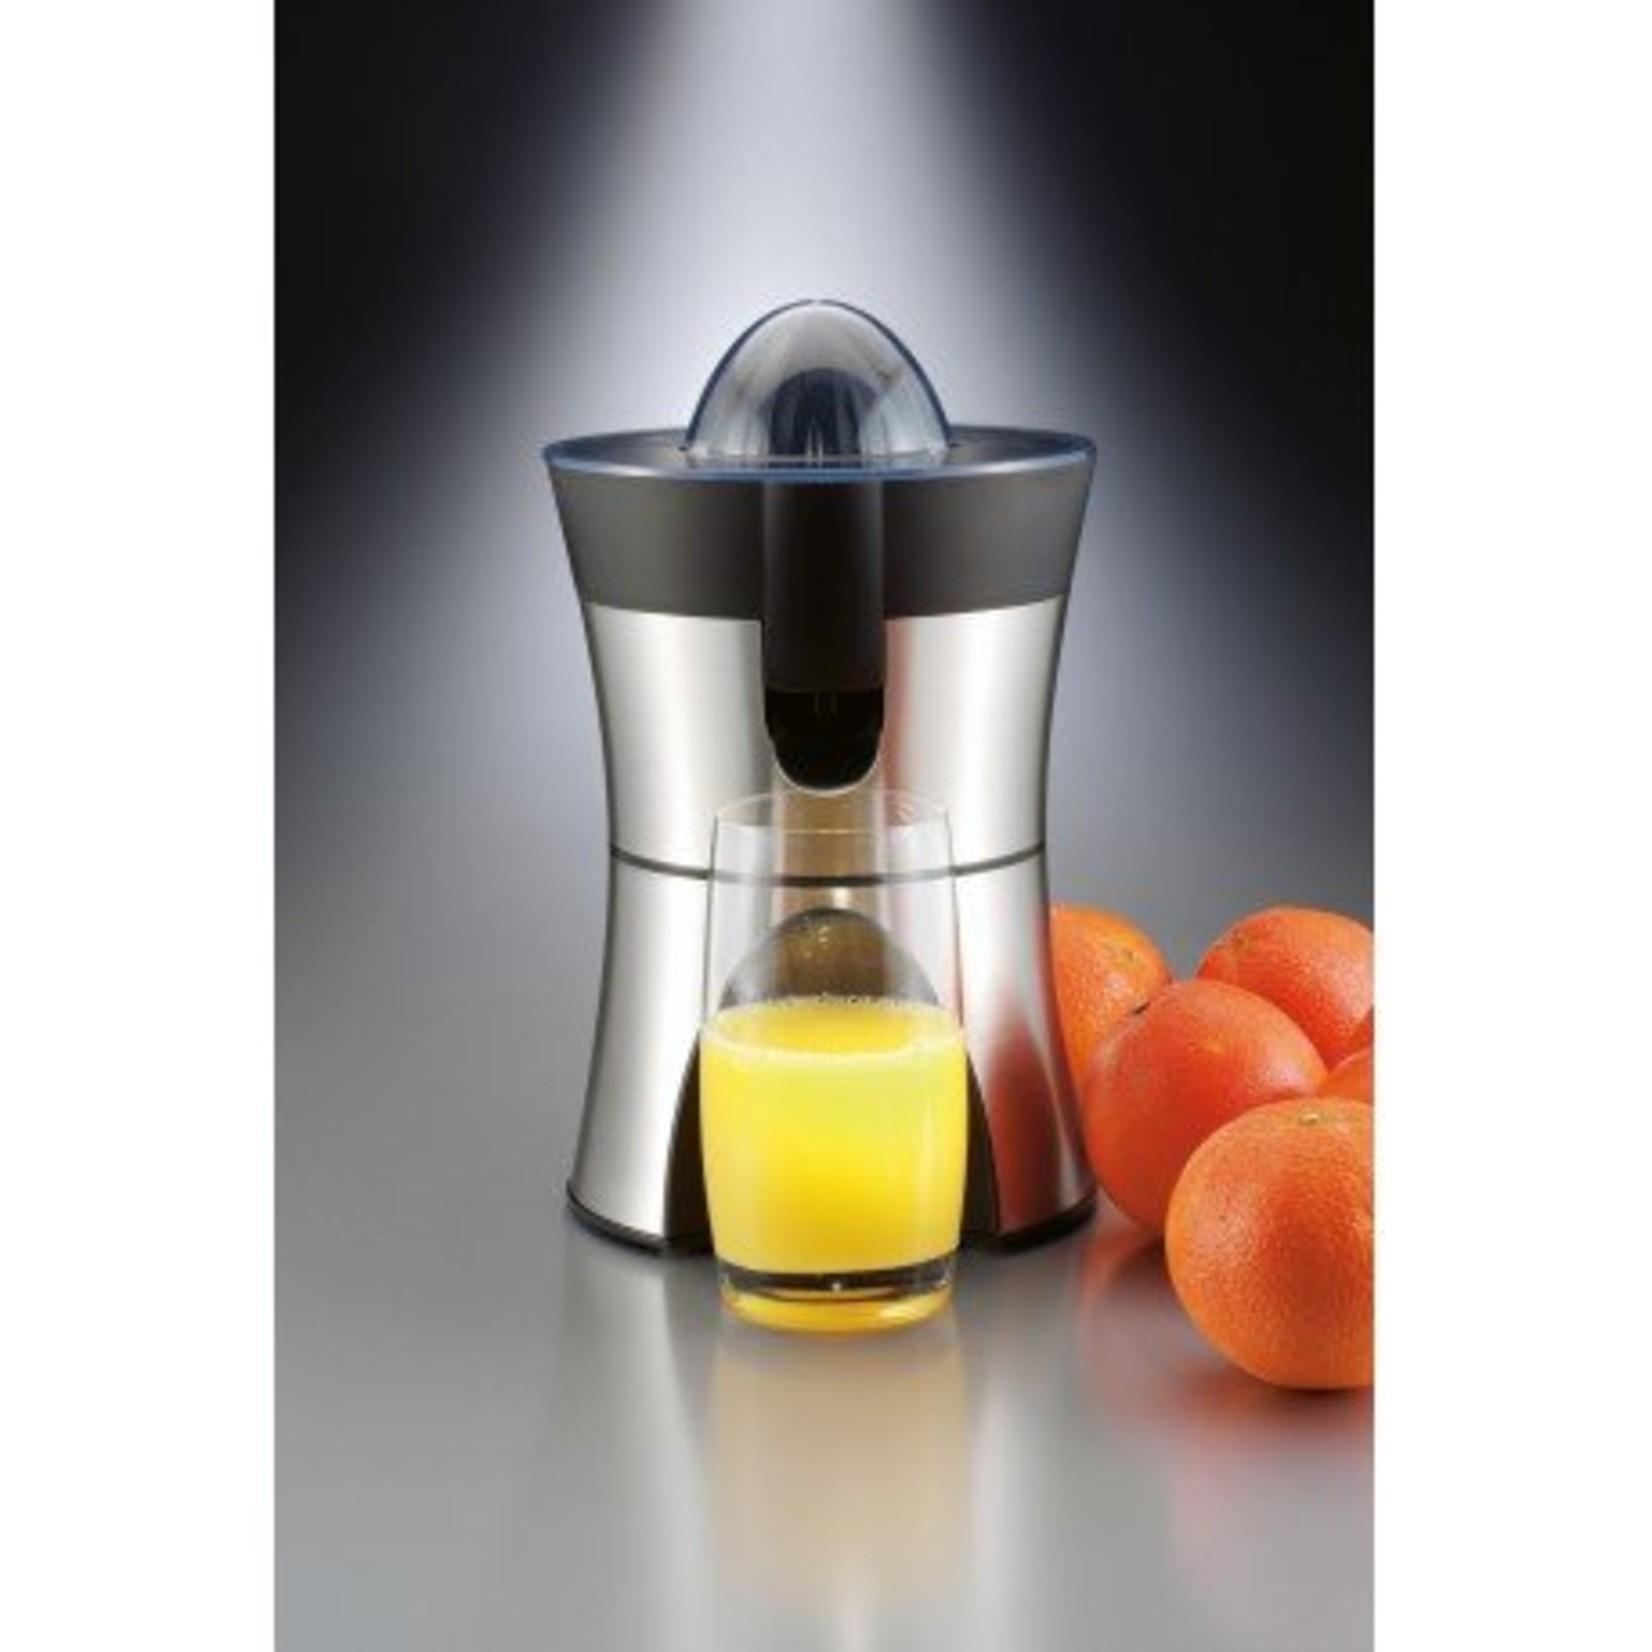 Gastroback Gastroback citruspers Home Culture